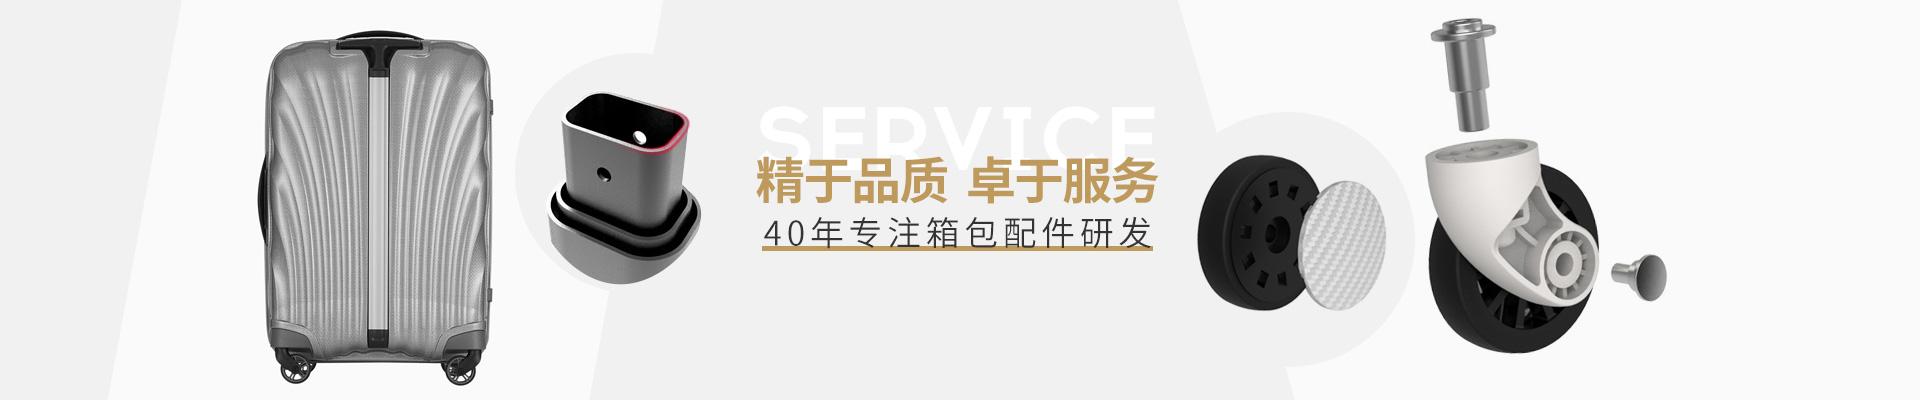 宏信-40年专注箱包配件研发